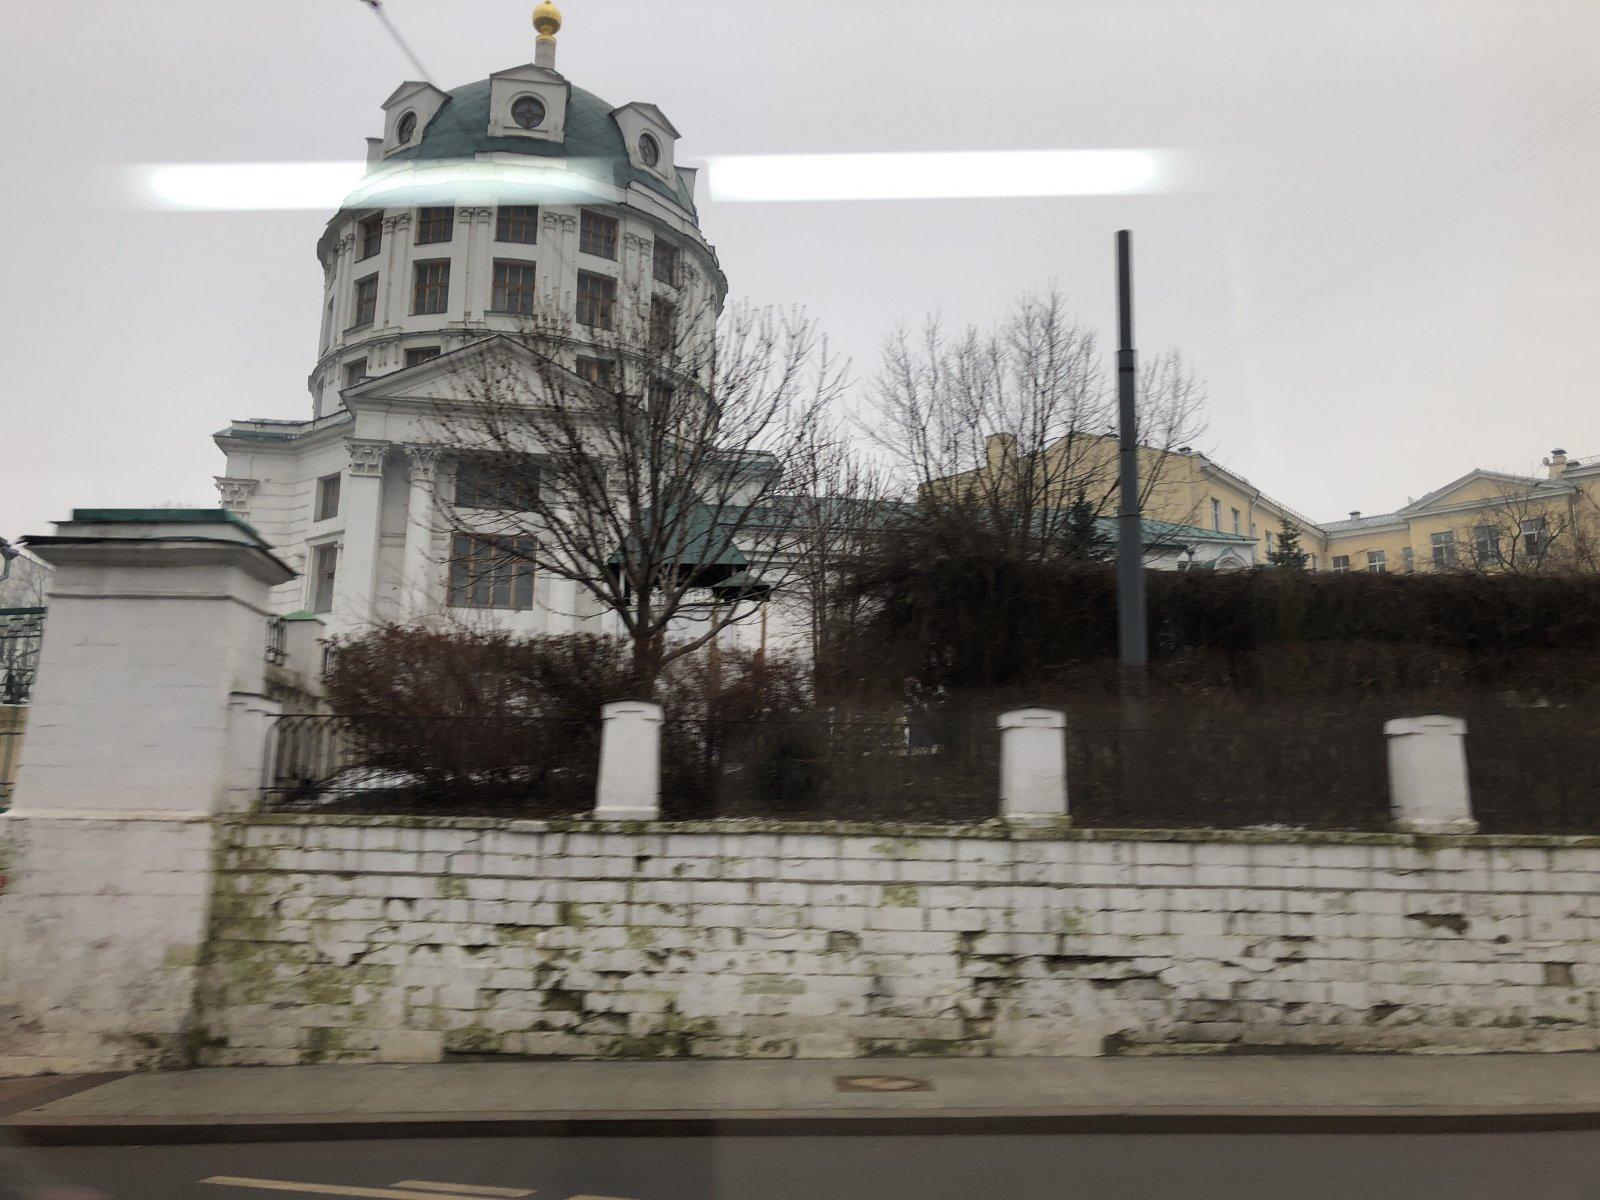 Посольство Австралии в г. Москве, Подколокольный переулок, 10а/2 ст1 (1 этаж)